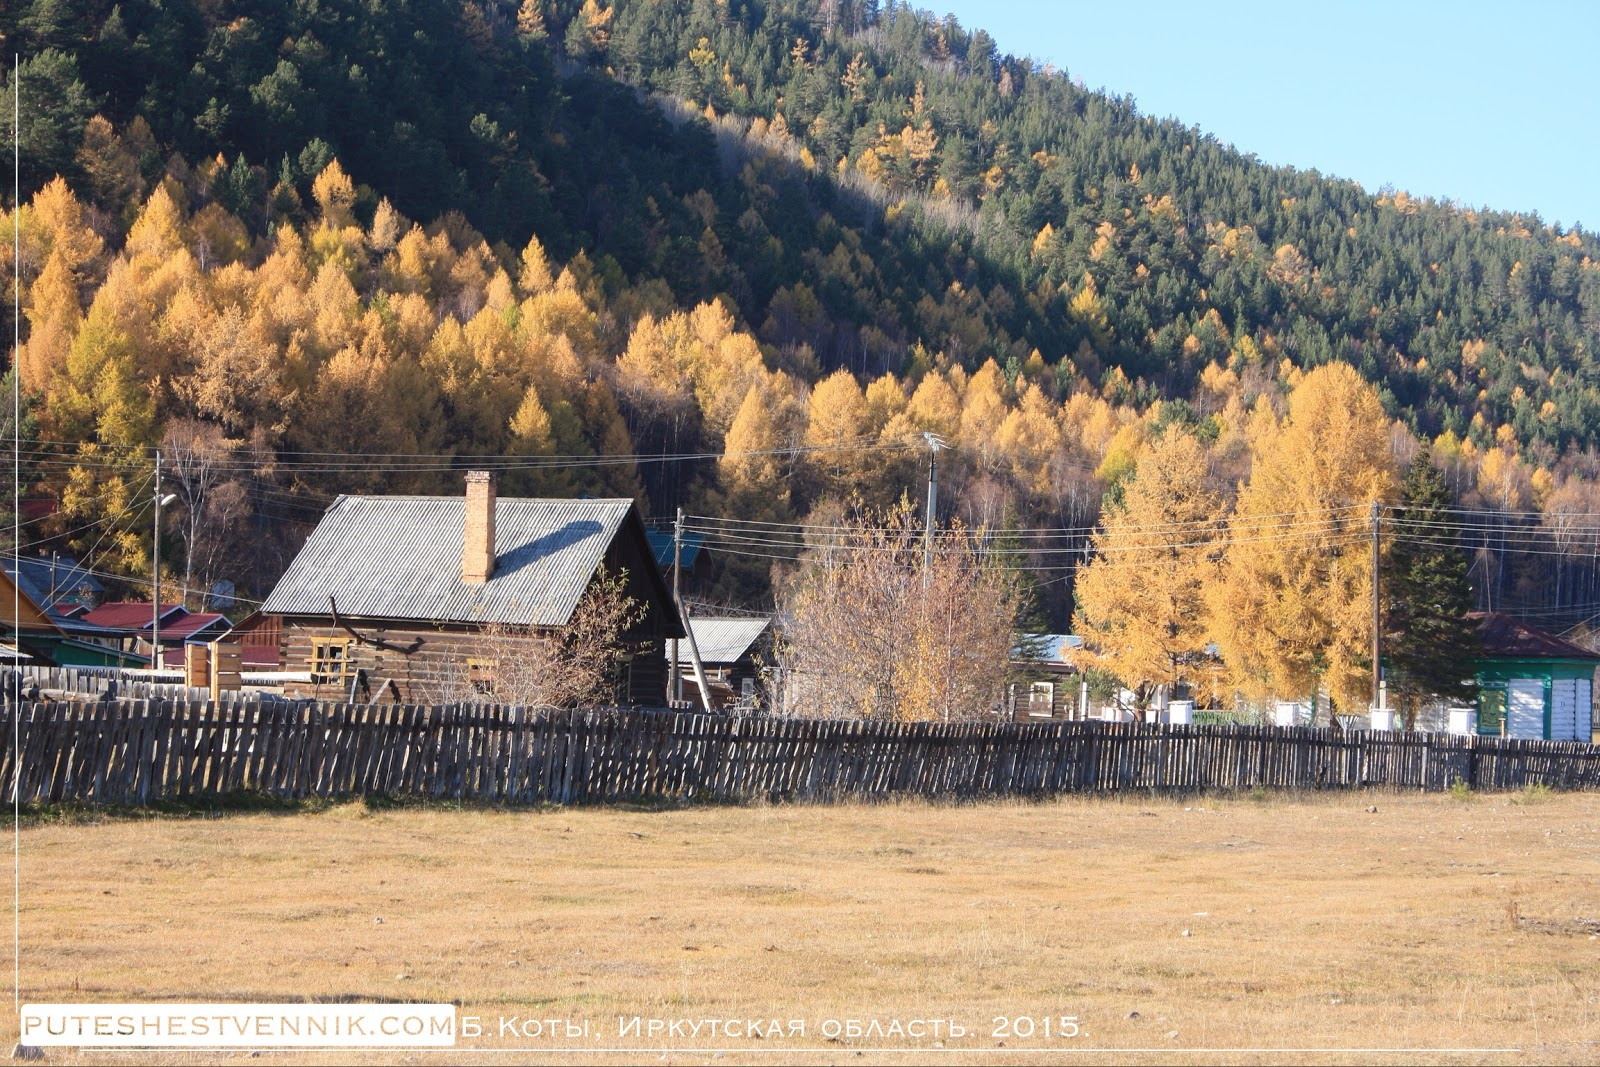 Забор, деревня и склон горы с лесом